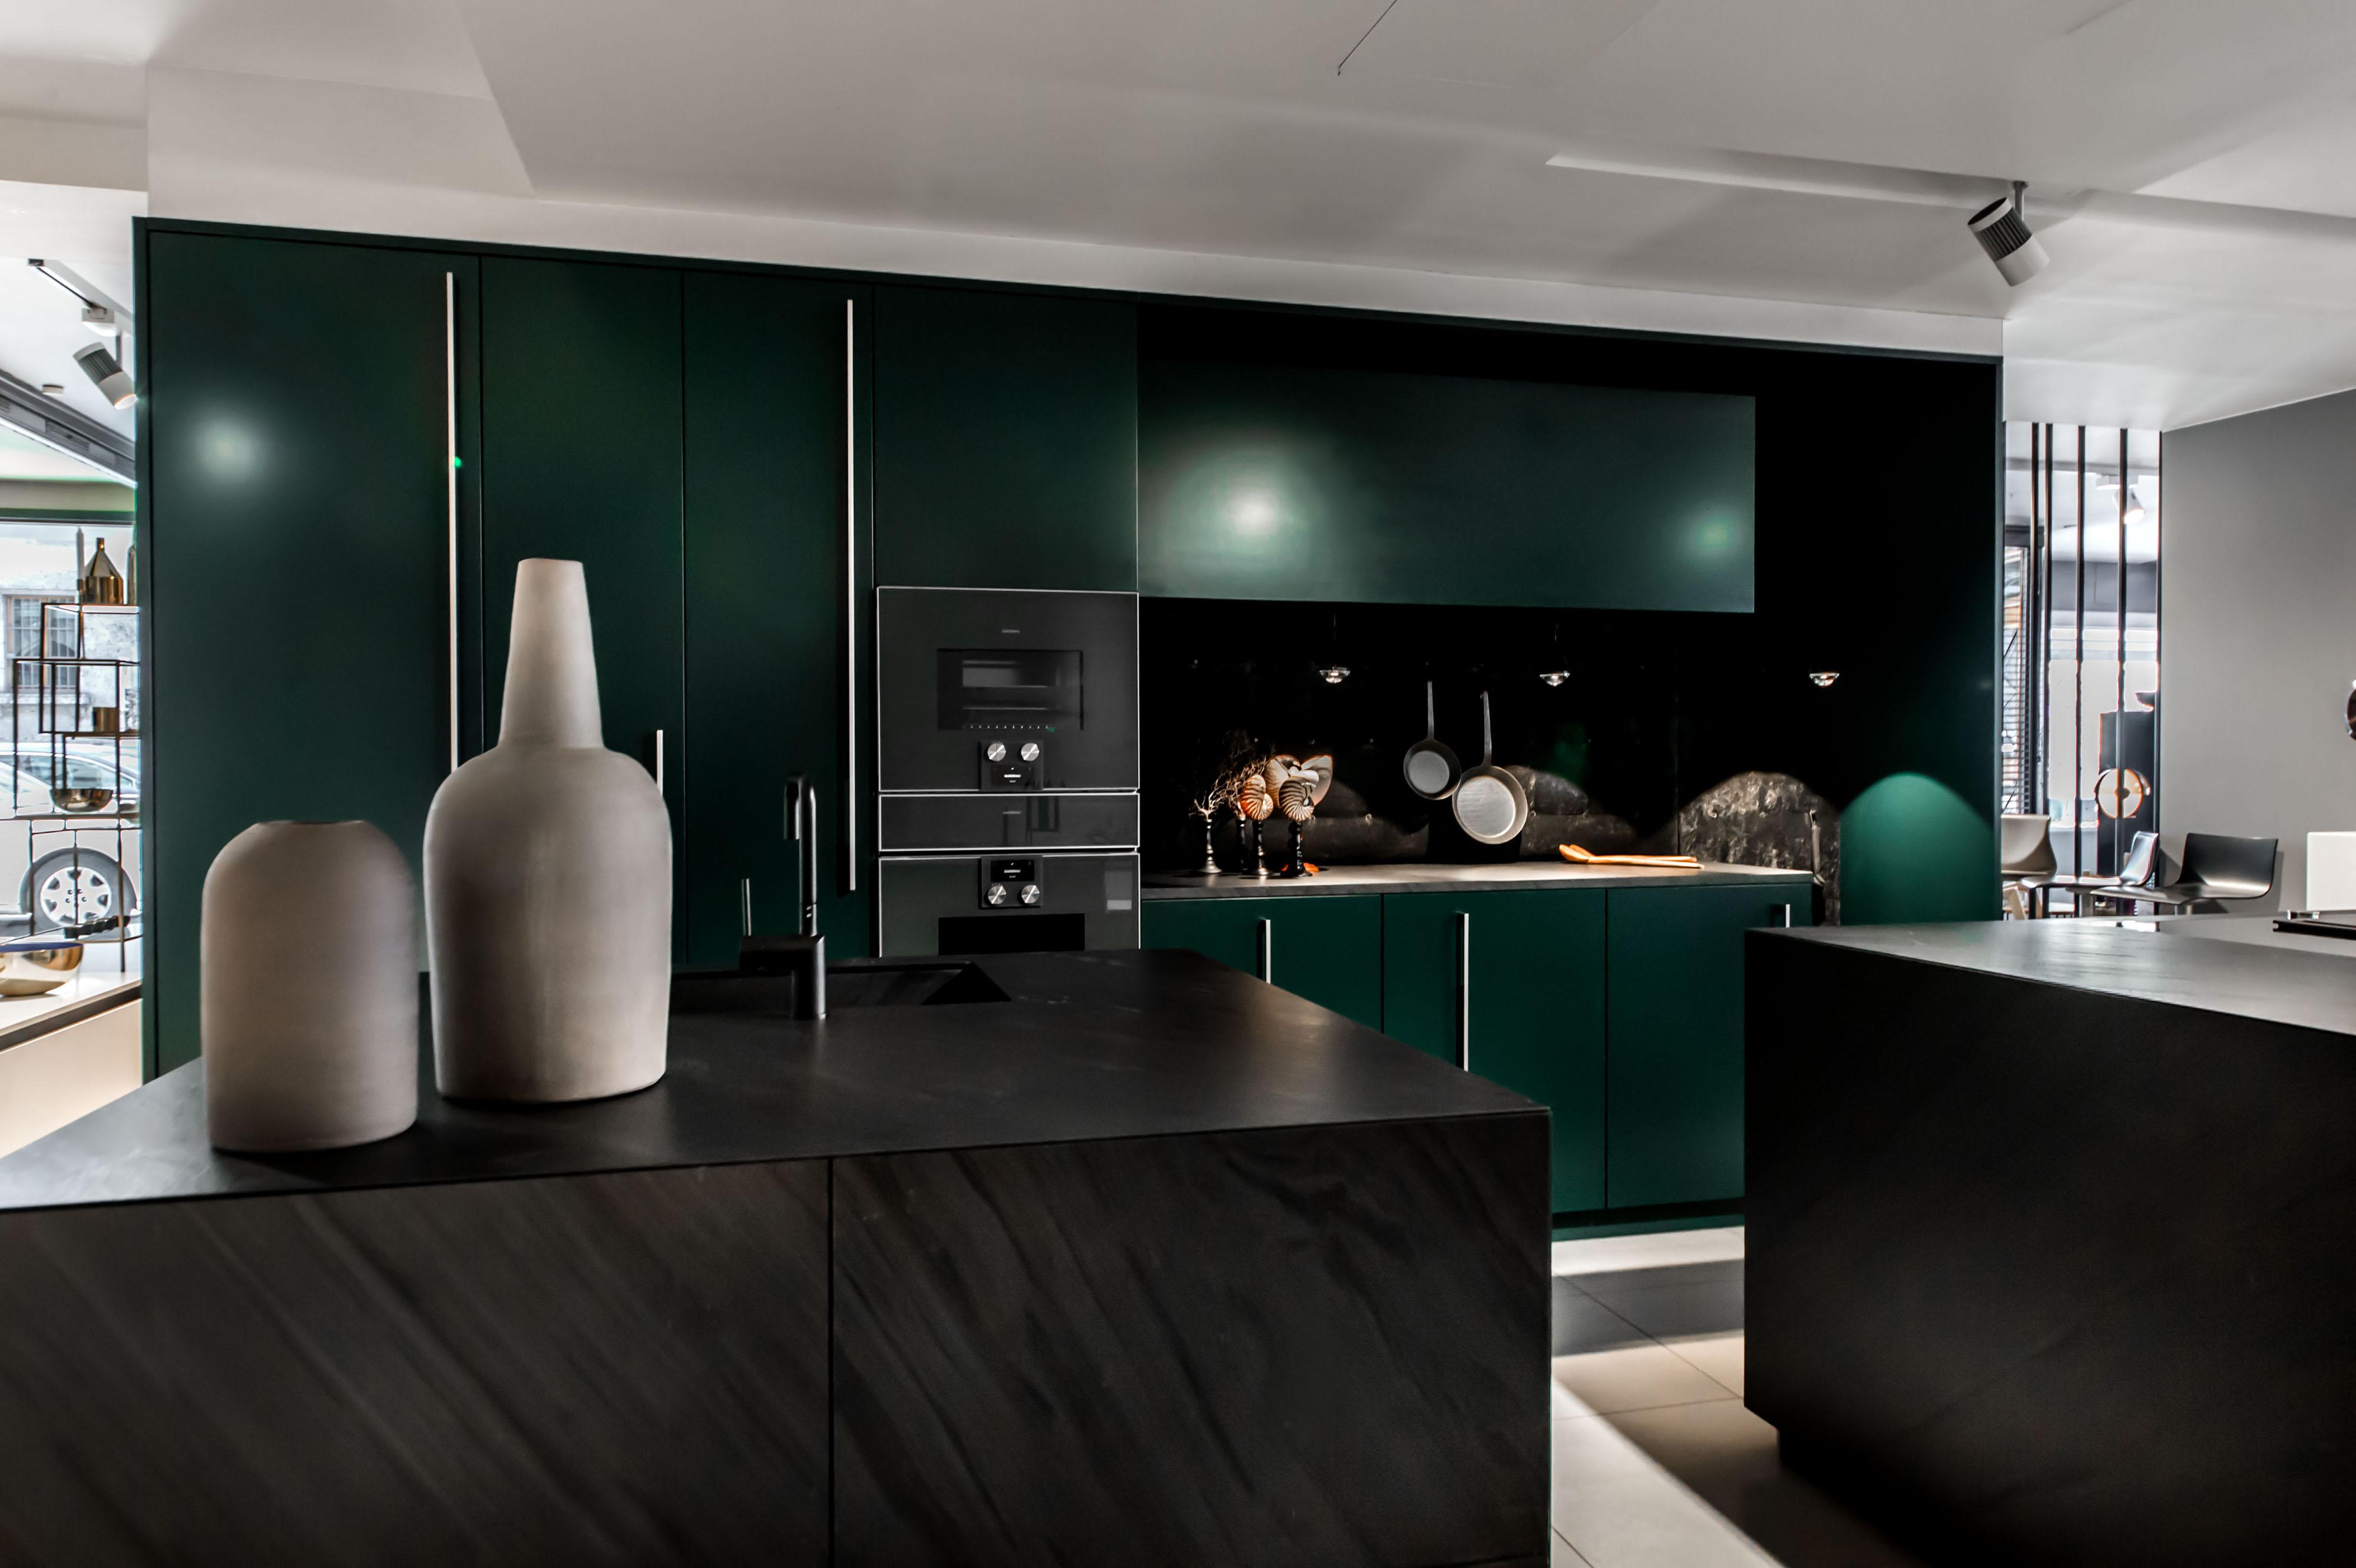 Groß Dunkelgrüne Küchenschränke Ideen - Küche Set Ideen ...